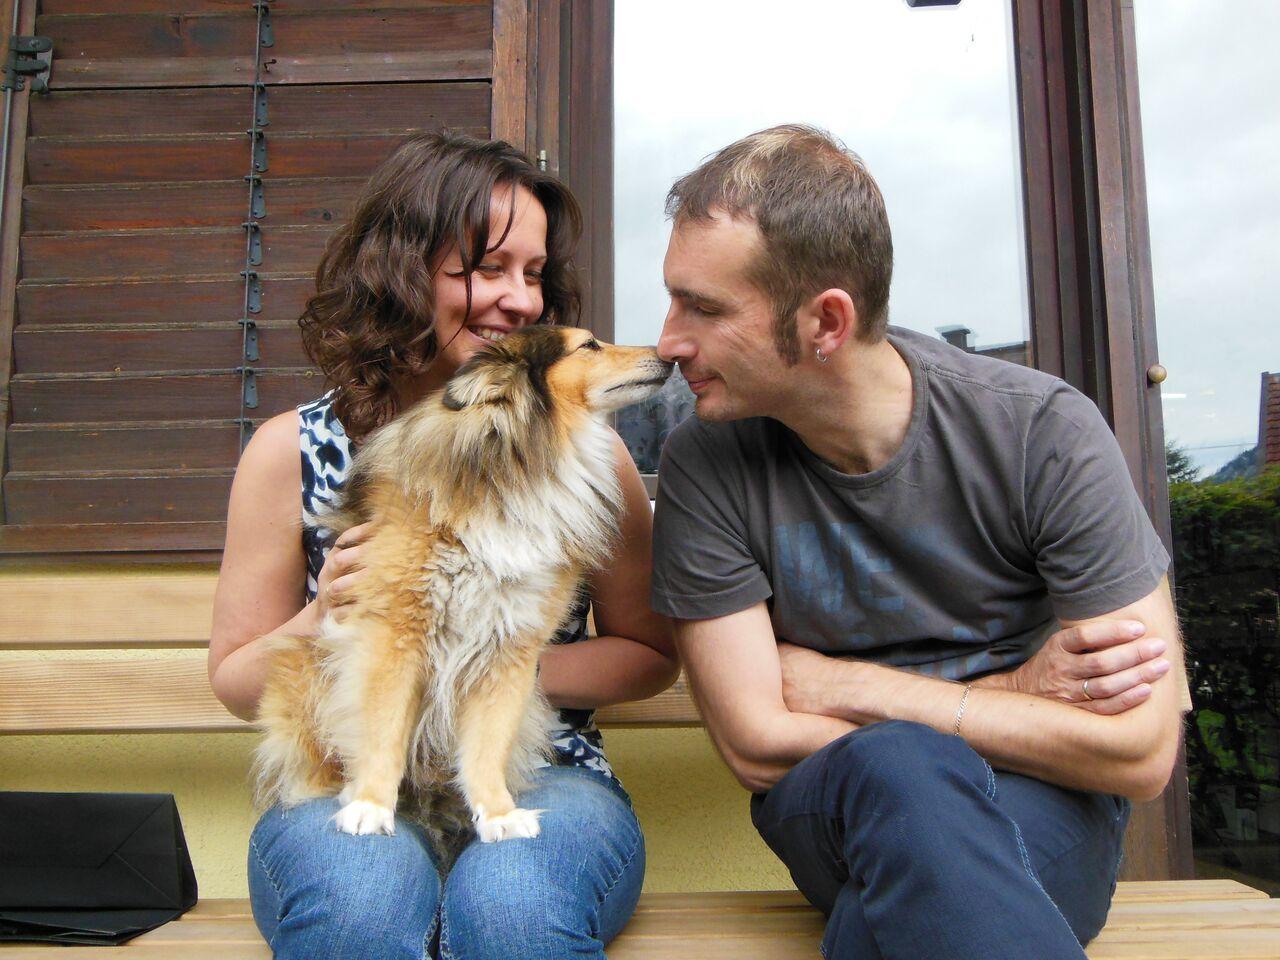 Fam. Ecker - Ohlsdorf mit Hund Vivo füttert auch das beste Hundefutter von Fedor Premium Tiernahrung!